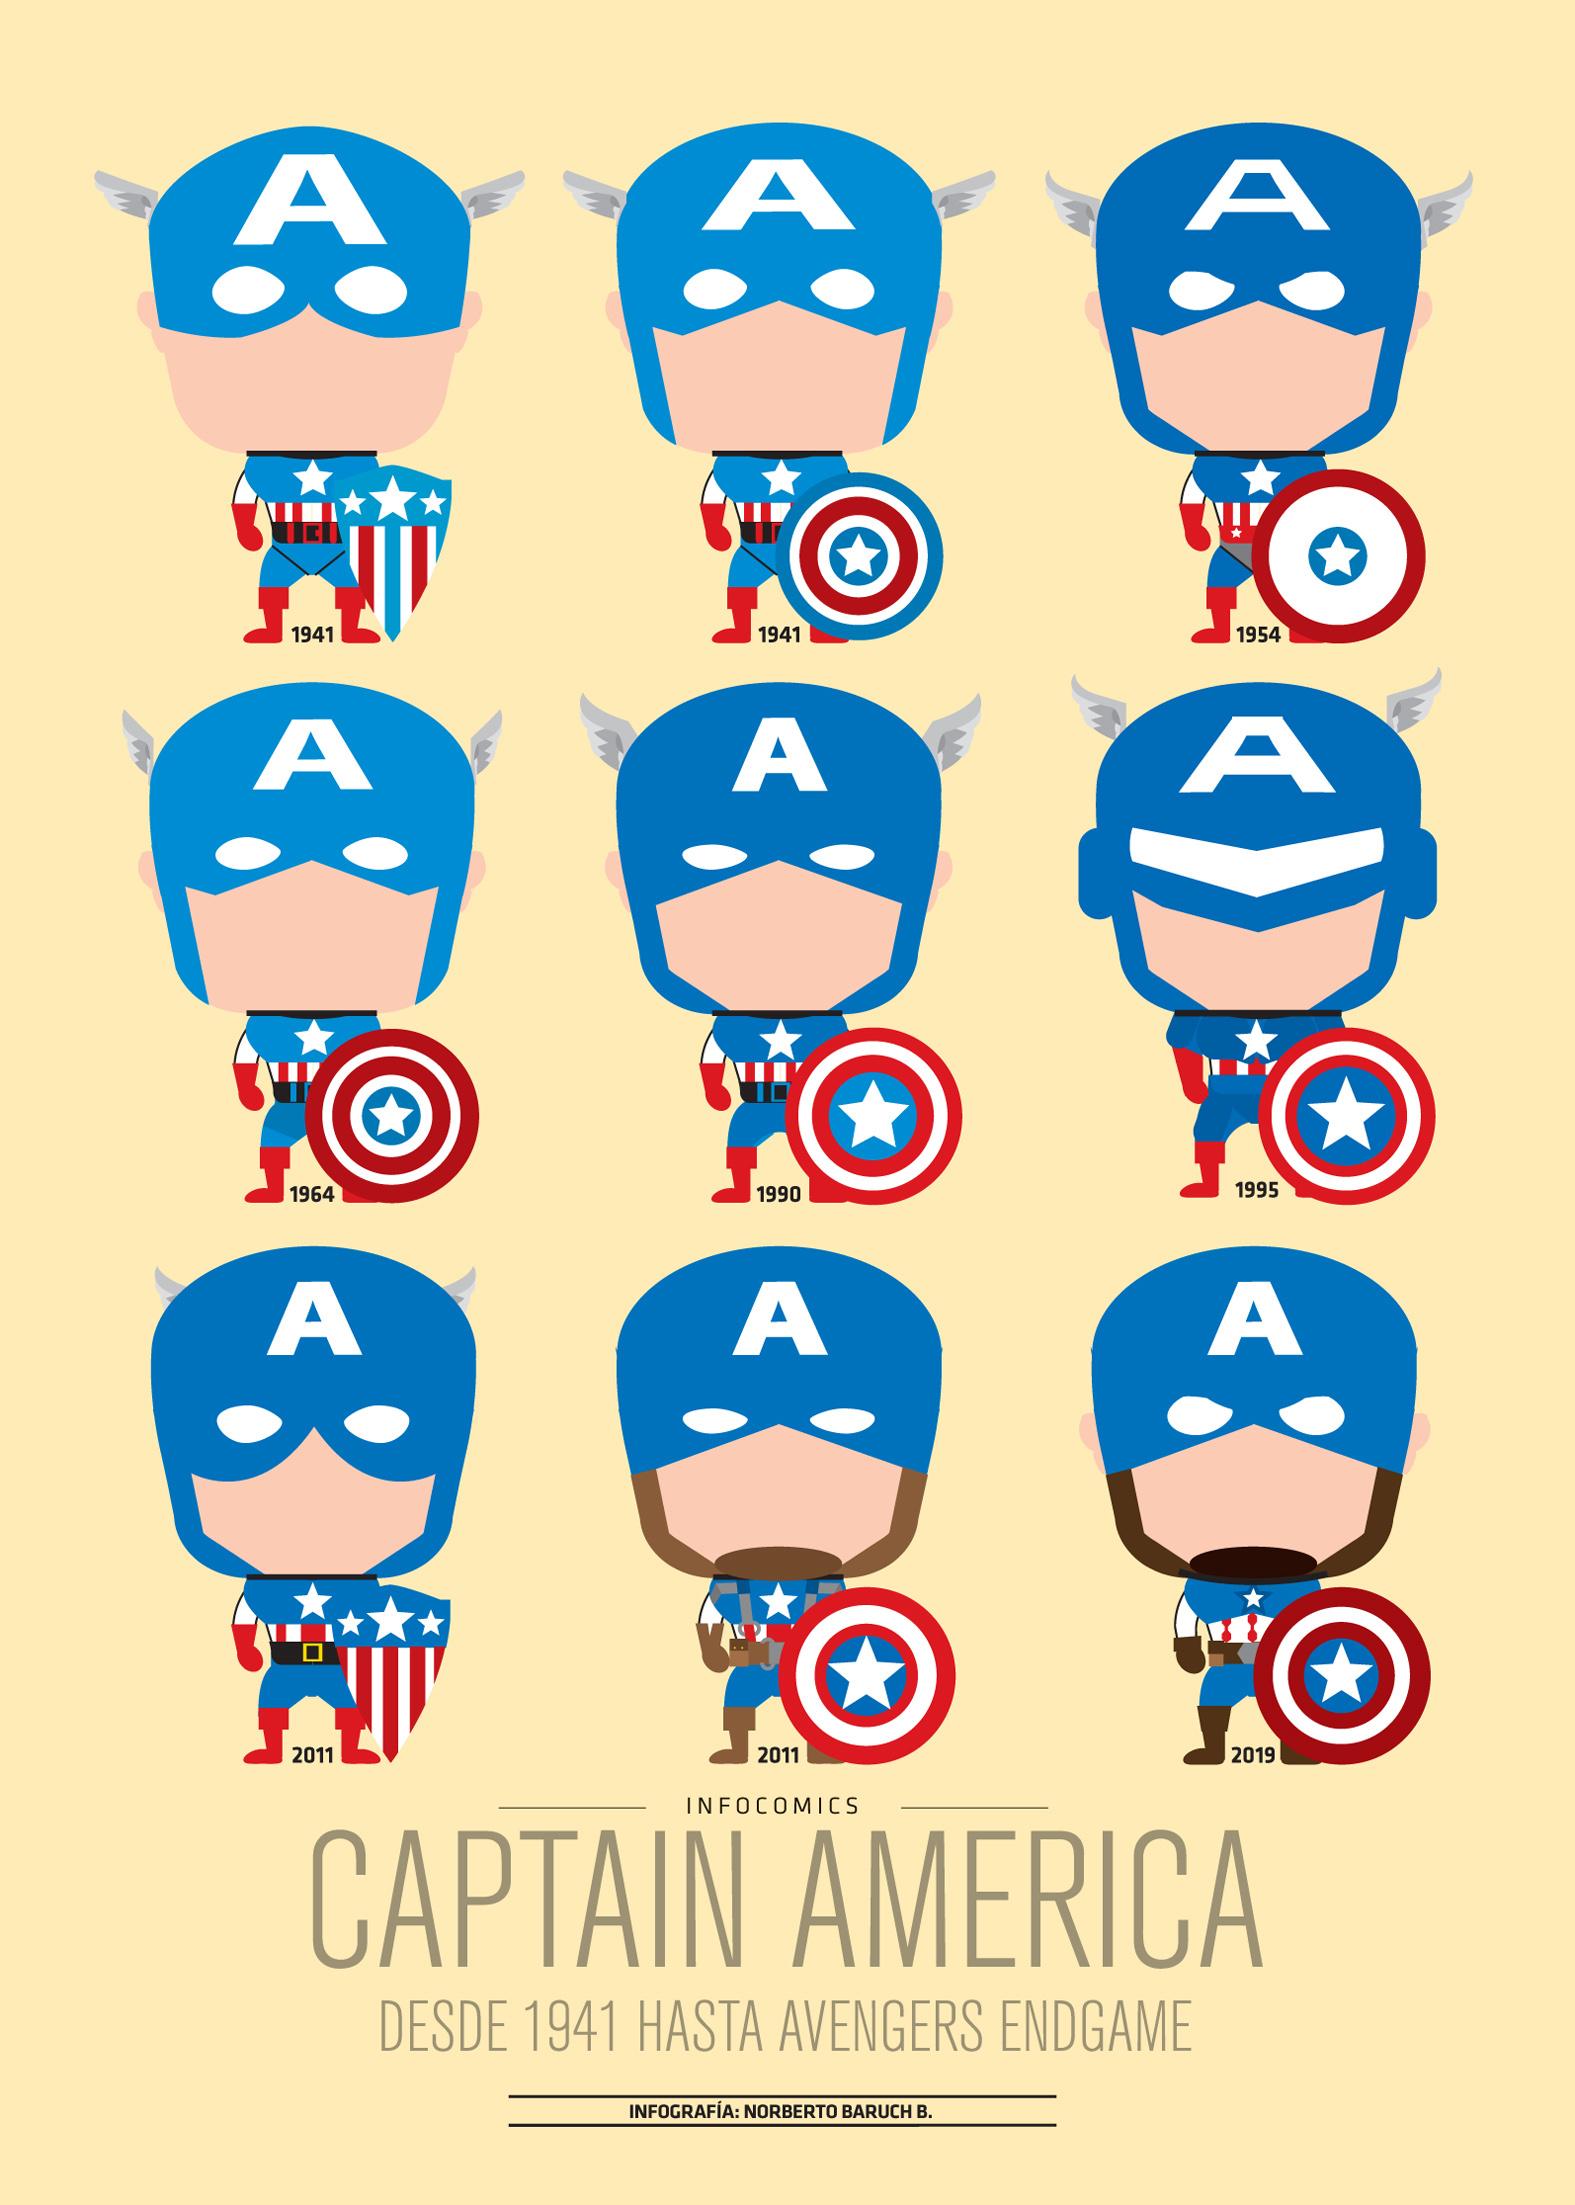 Infografía Capitán America